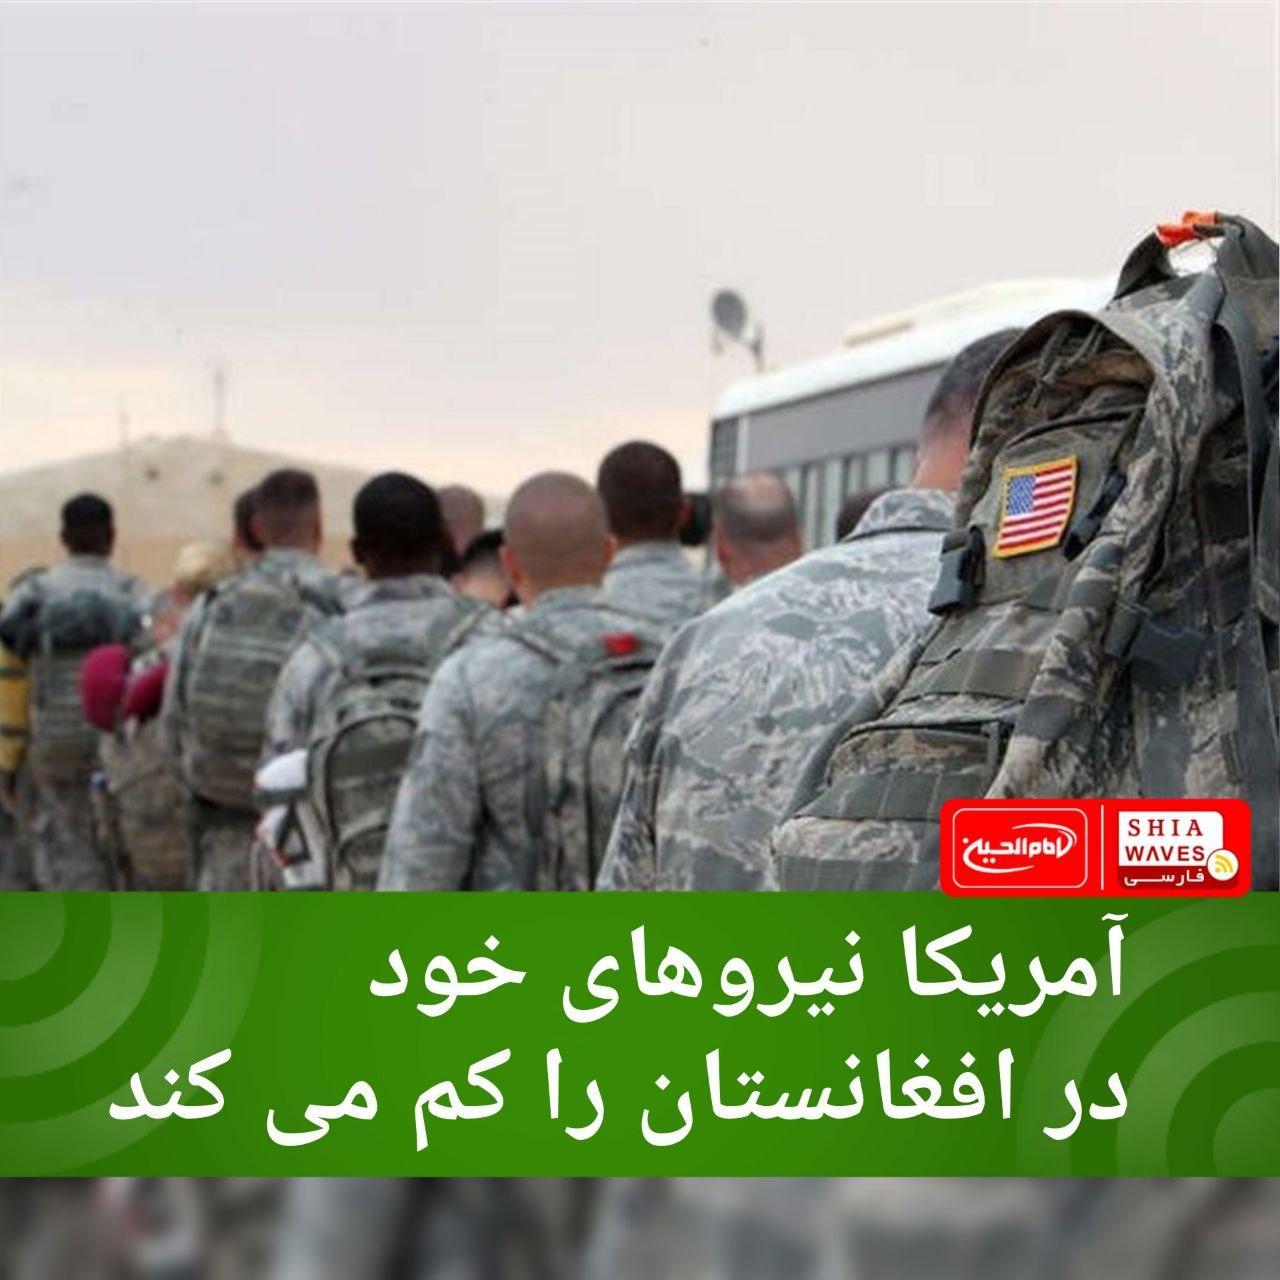 تصویر آمریکا نیروهای خود در افغانستان را کم می کند